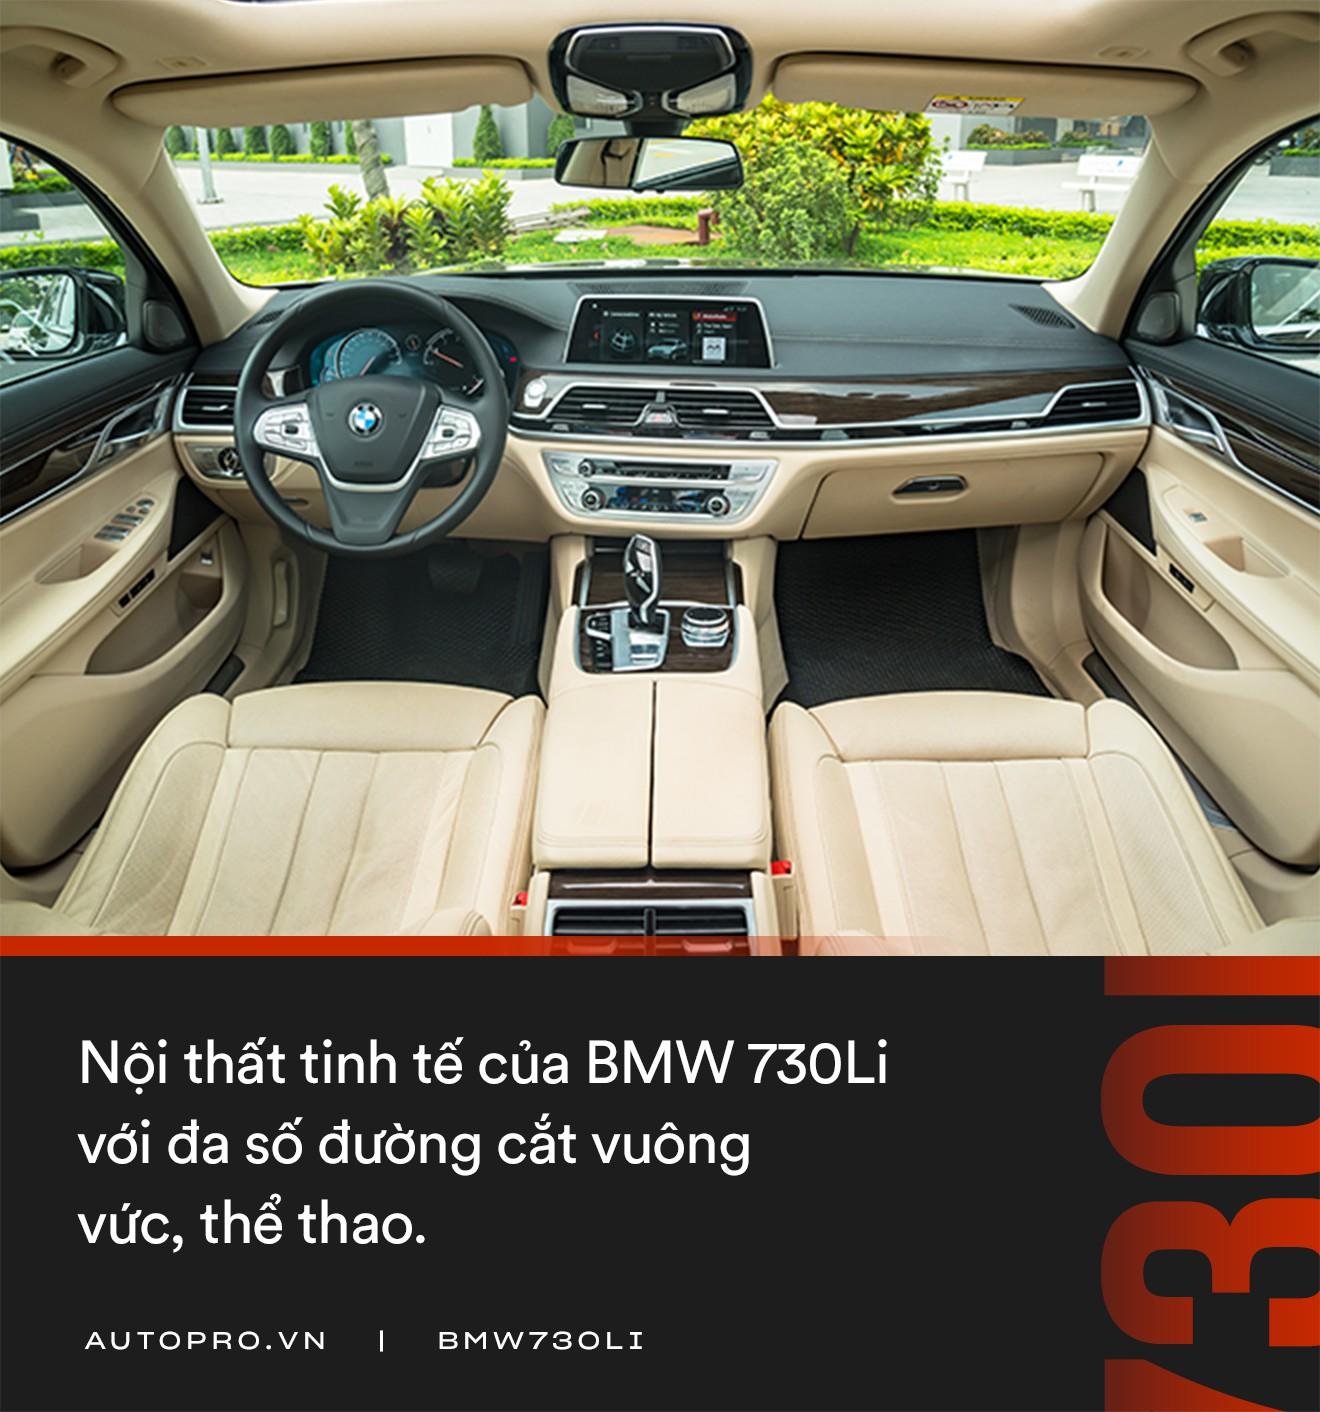 Đánh giá BMW 730Li: Mang chất thể thao lên limo hạng sang - Ảnh 5.